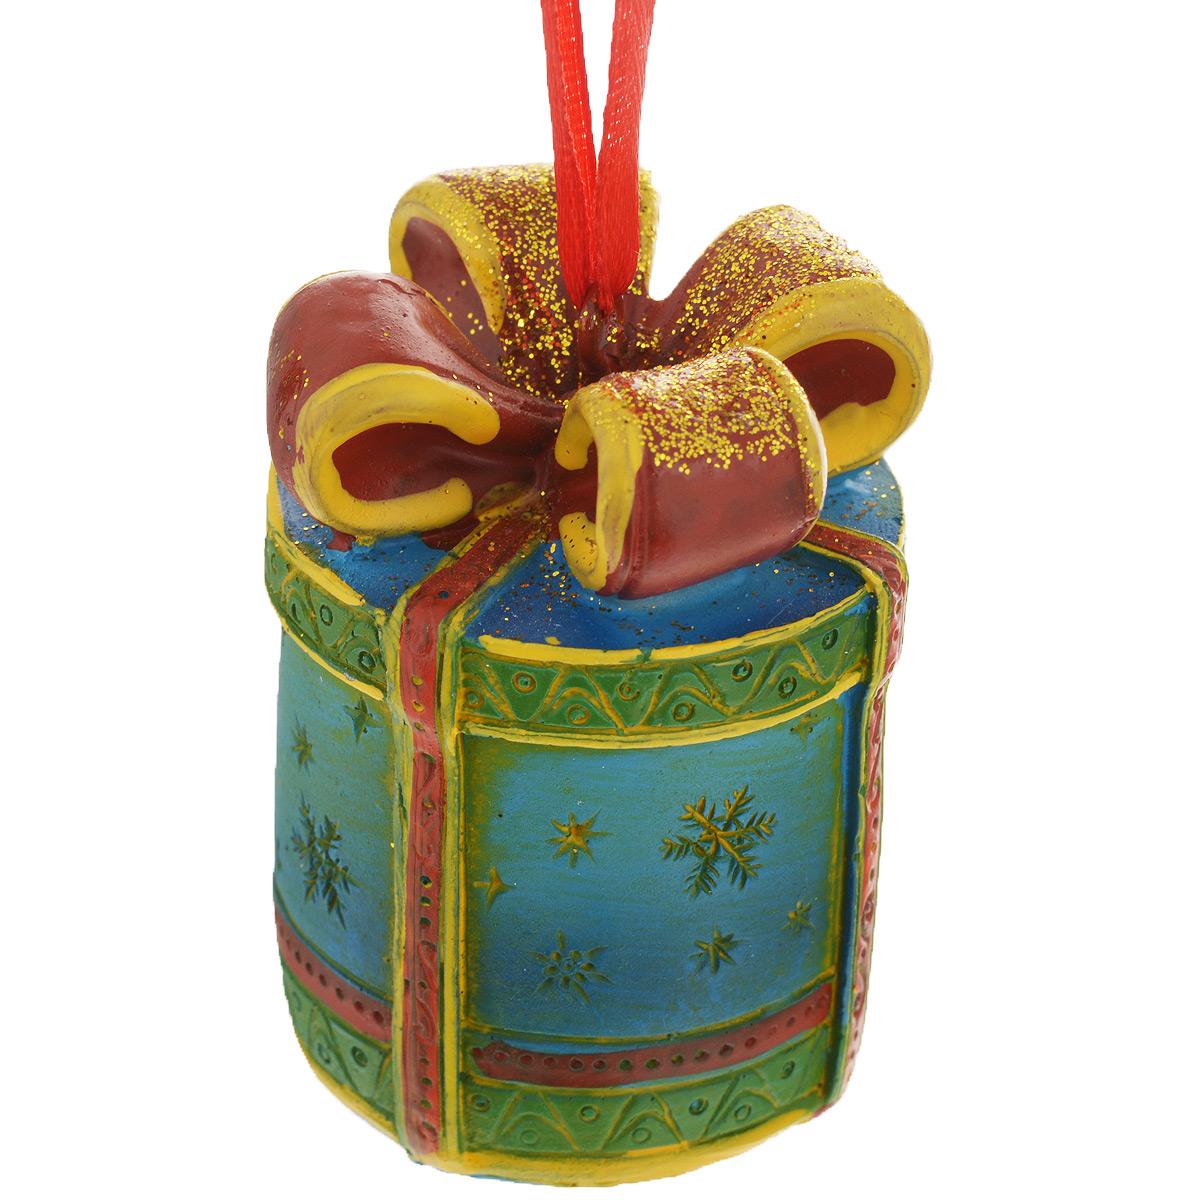 Новогоднее подвесное украшение Феникс-Презент Подарок. 34597 новогоднее оконное украшение феникс презент обезьянки